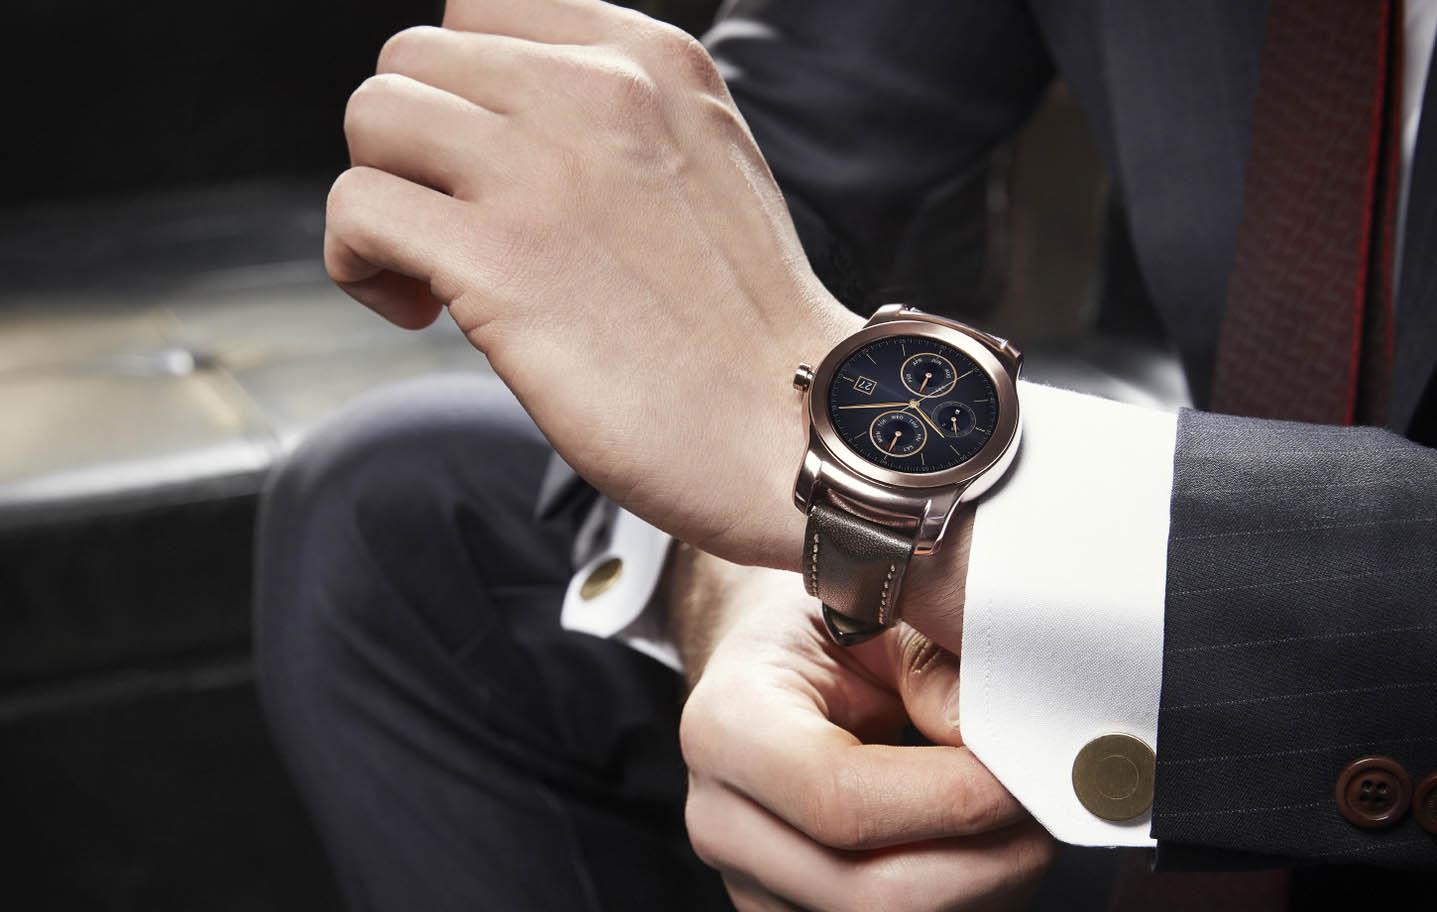 Les premières smartwatches Android 2.0 se font la malle — LG Watch